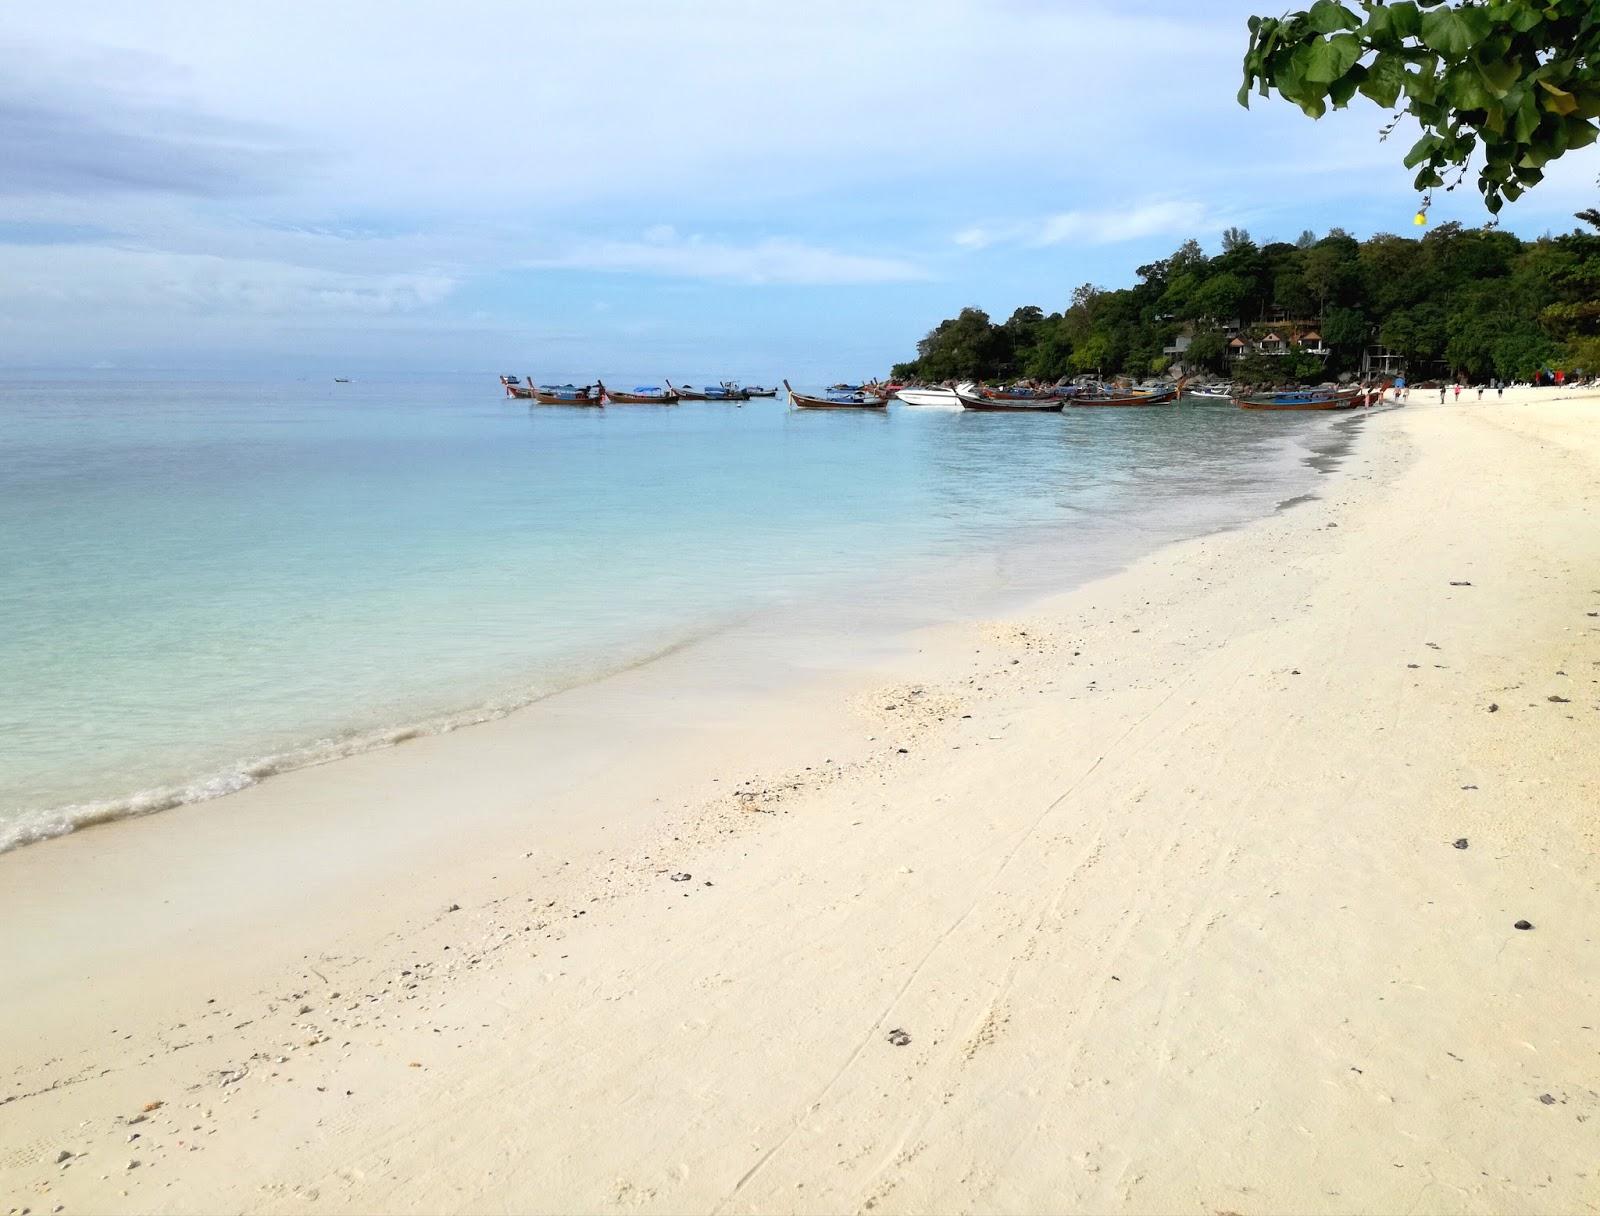 pattaya beach ko lipe thailandia